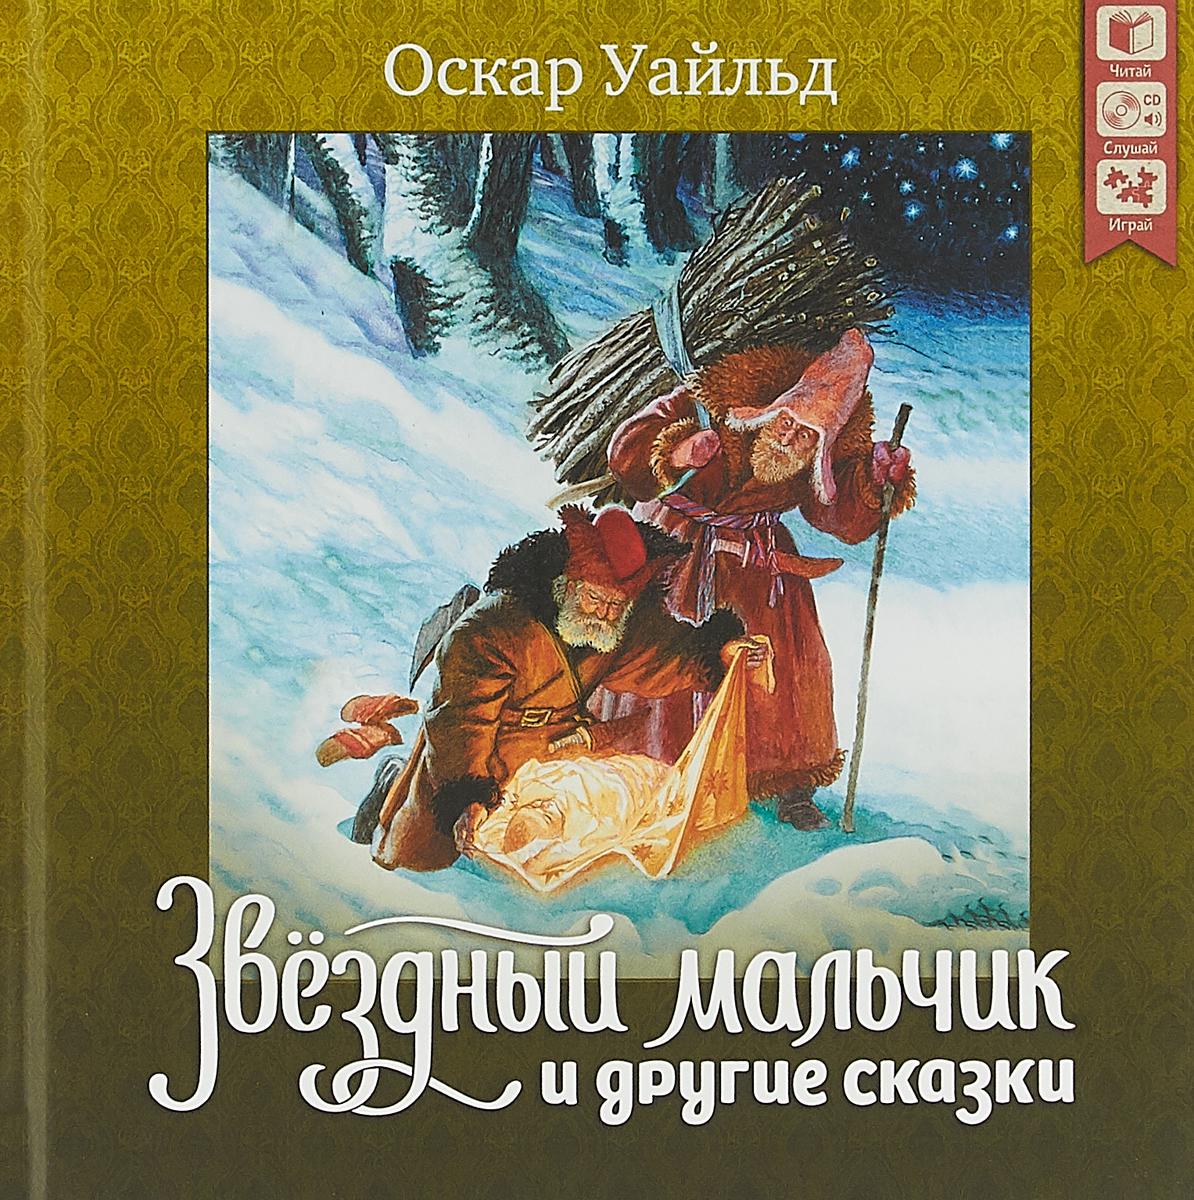 Оскар Уайльд Звездный мальчик и другие сказки (+ CD)